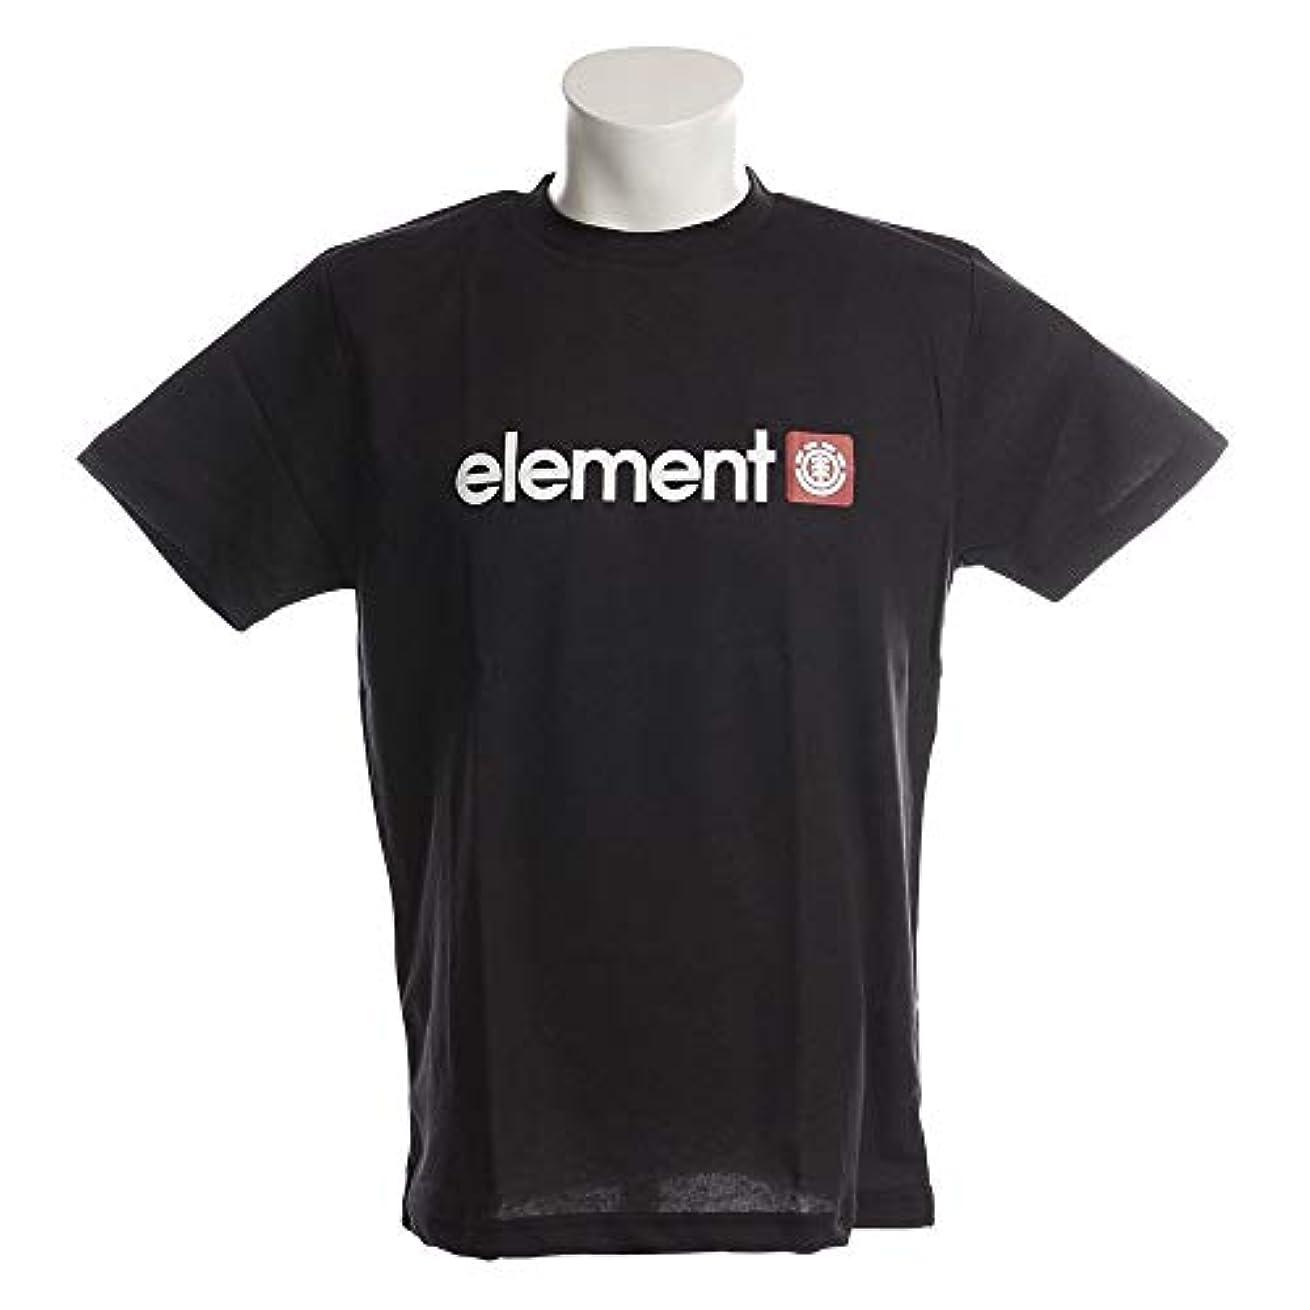 賞賛する目を覚ますドレインエレメント(エレメント) OLD SKOOL ショートスリーブTシャツ AI021220 BLK